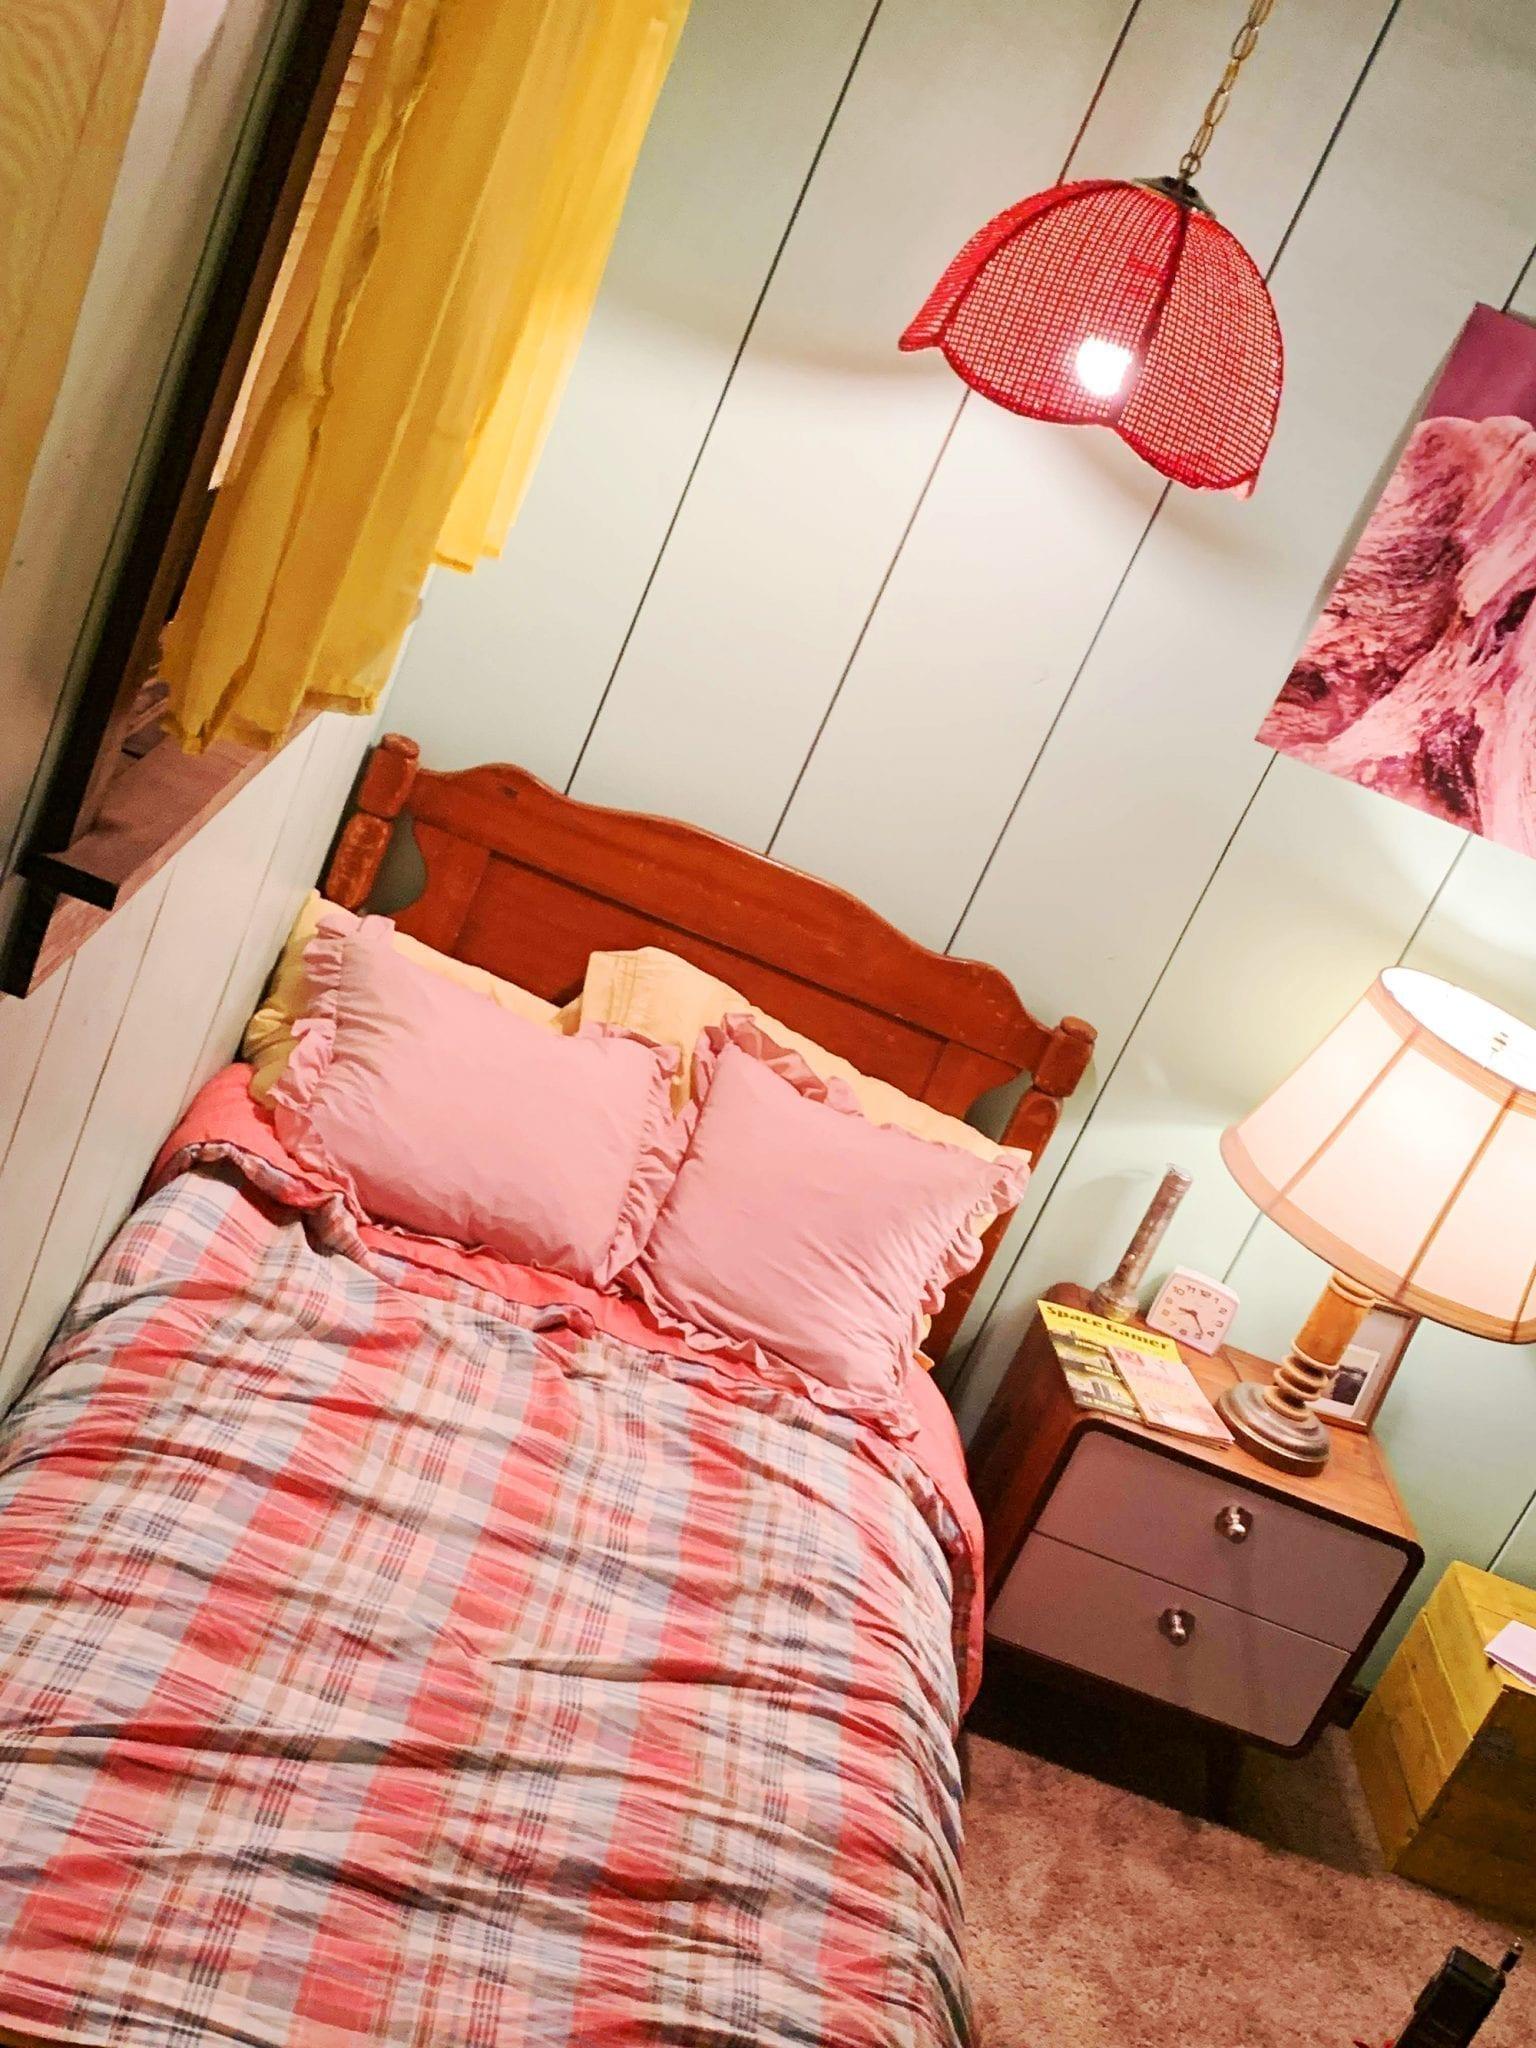 elevens room stranger things